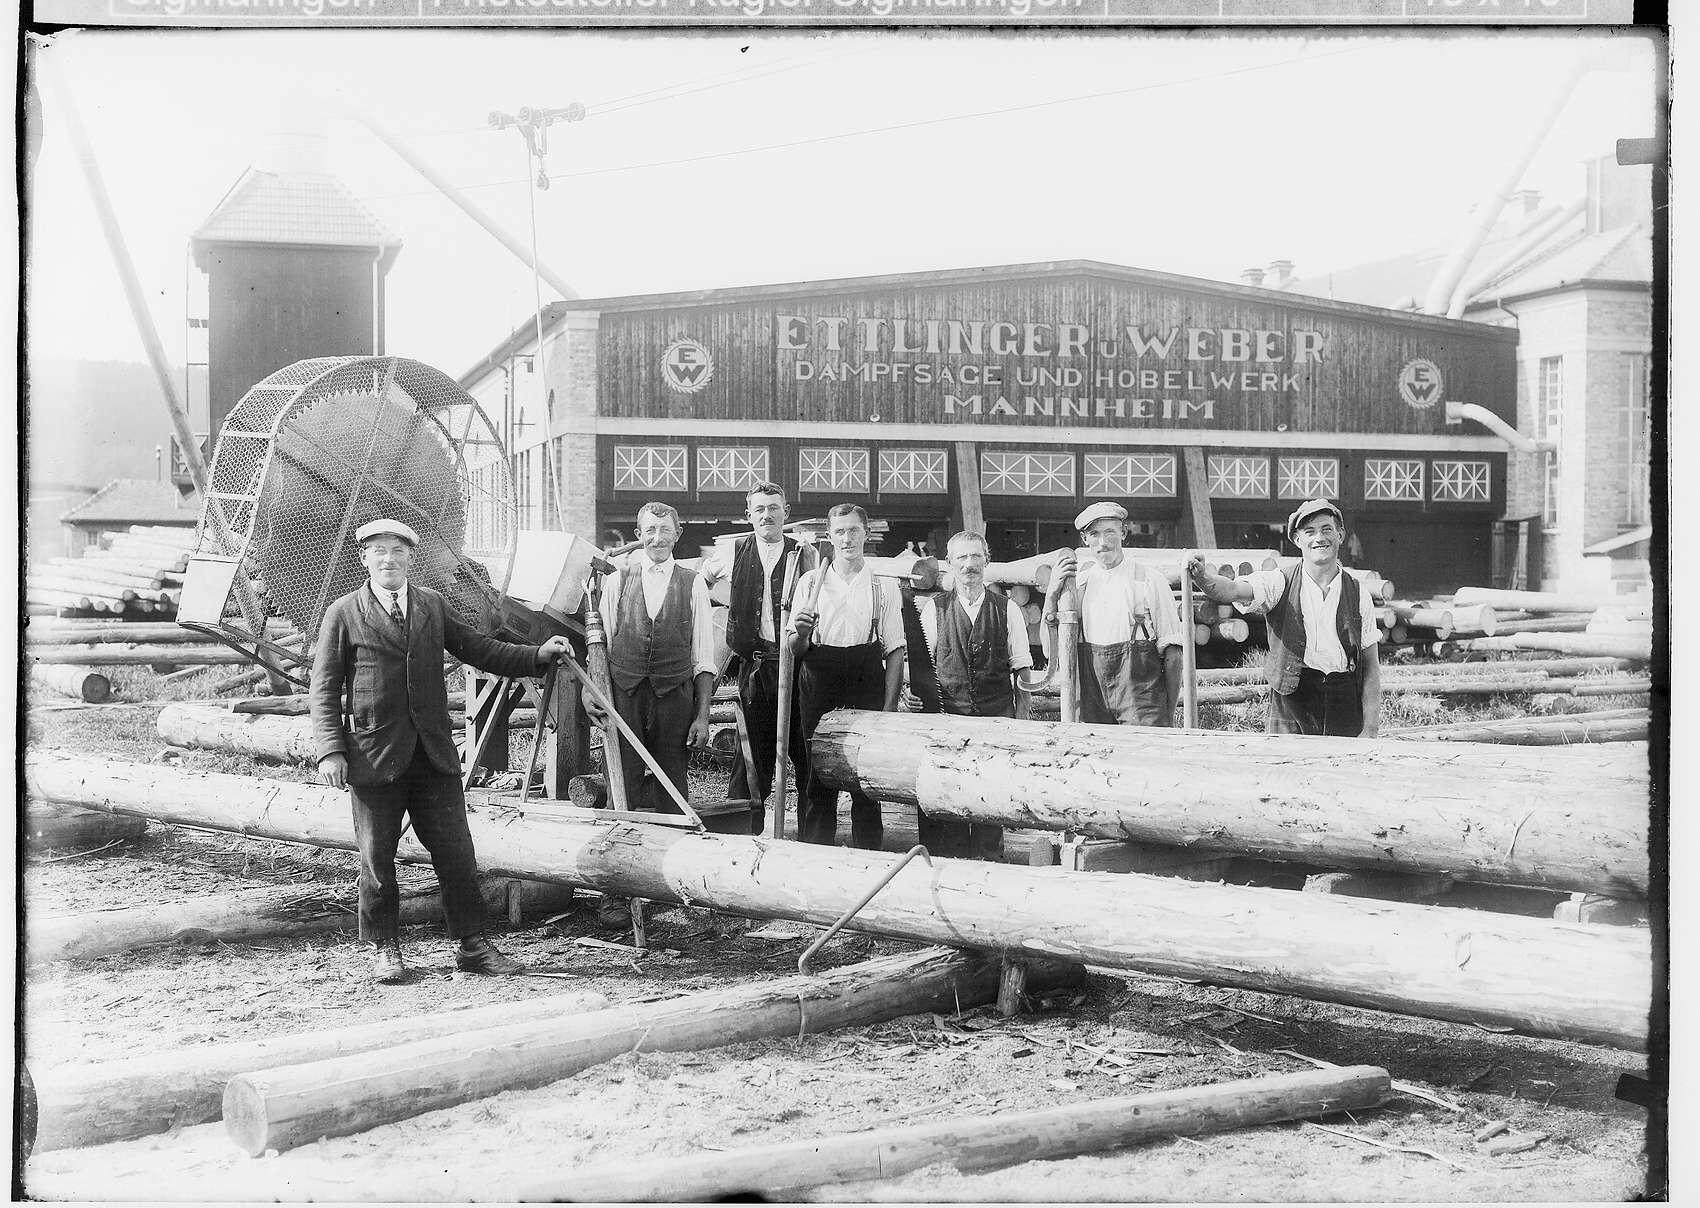 Sägewerk Ettlinger & Weber in Krauchenwies; Sieben Arbeiter mit unterschiedlichen Arbeitsgeräten vor dem Sägewerk, Bild 1